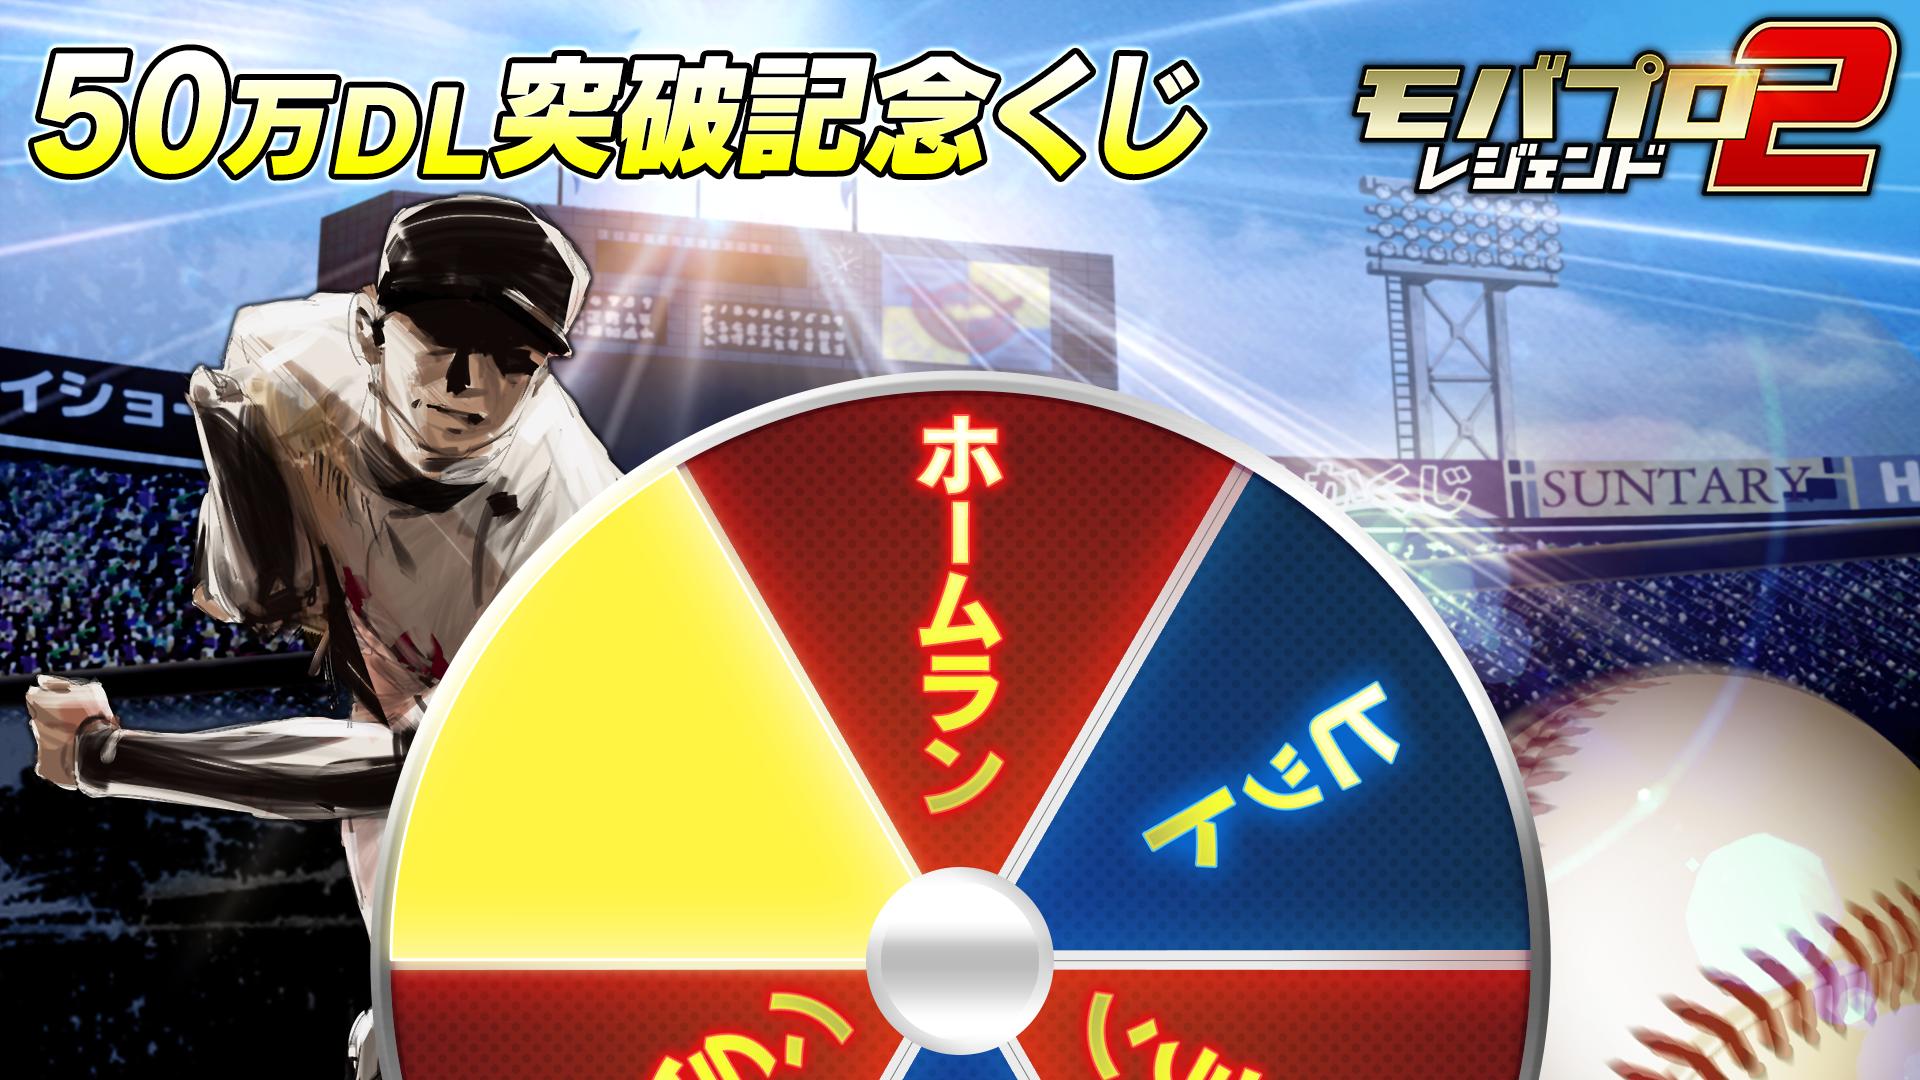 01_50万DLくじ